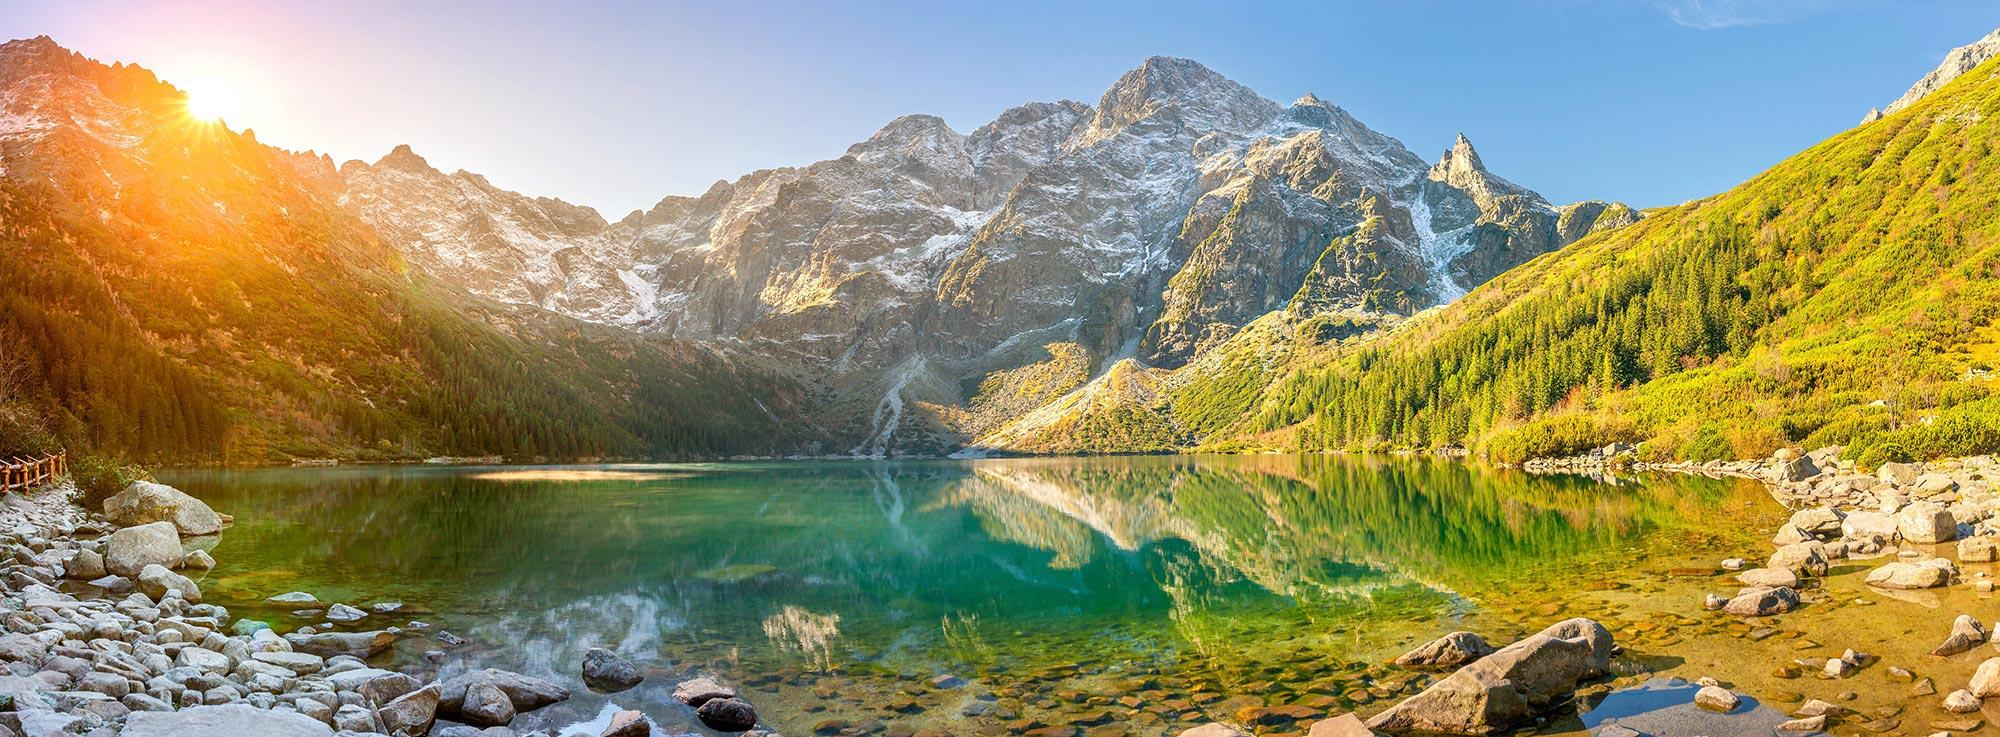 Le lac besson in l'Alpe d'Huez